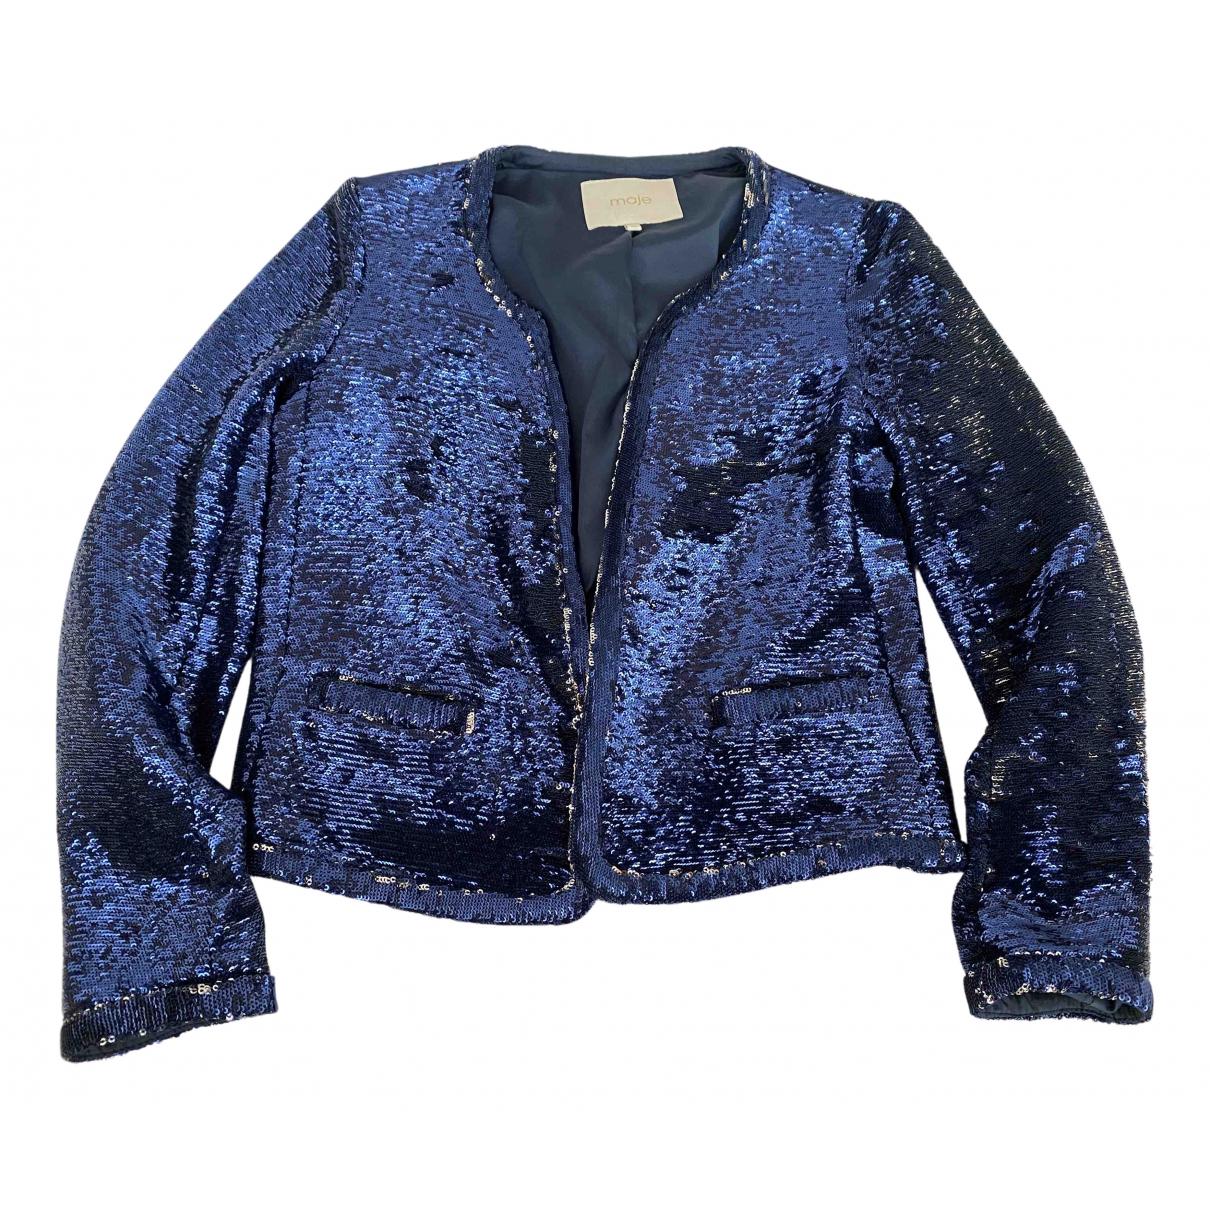 Maje N Blue Glitter jacket for Women 38 FR